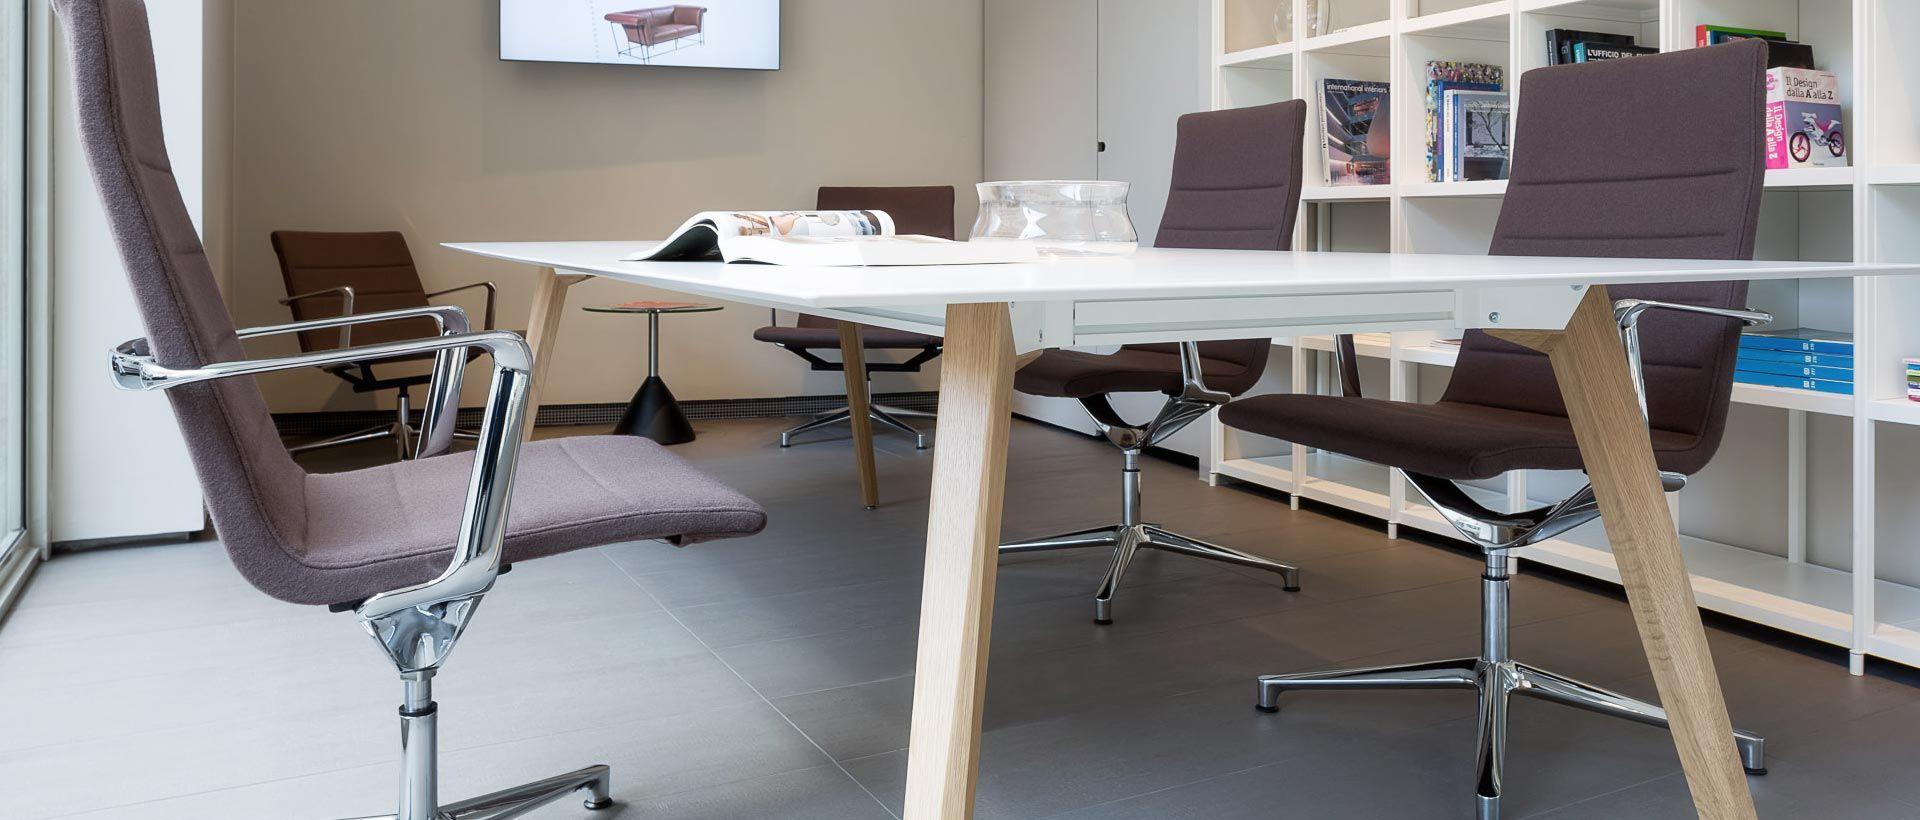 ufficio con sedie di design moderno